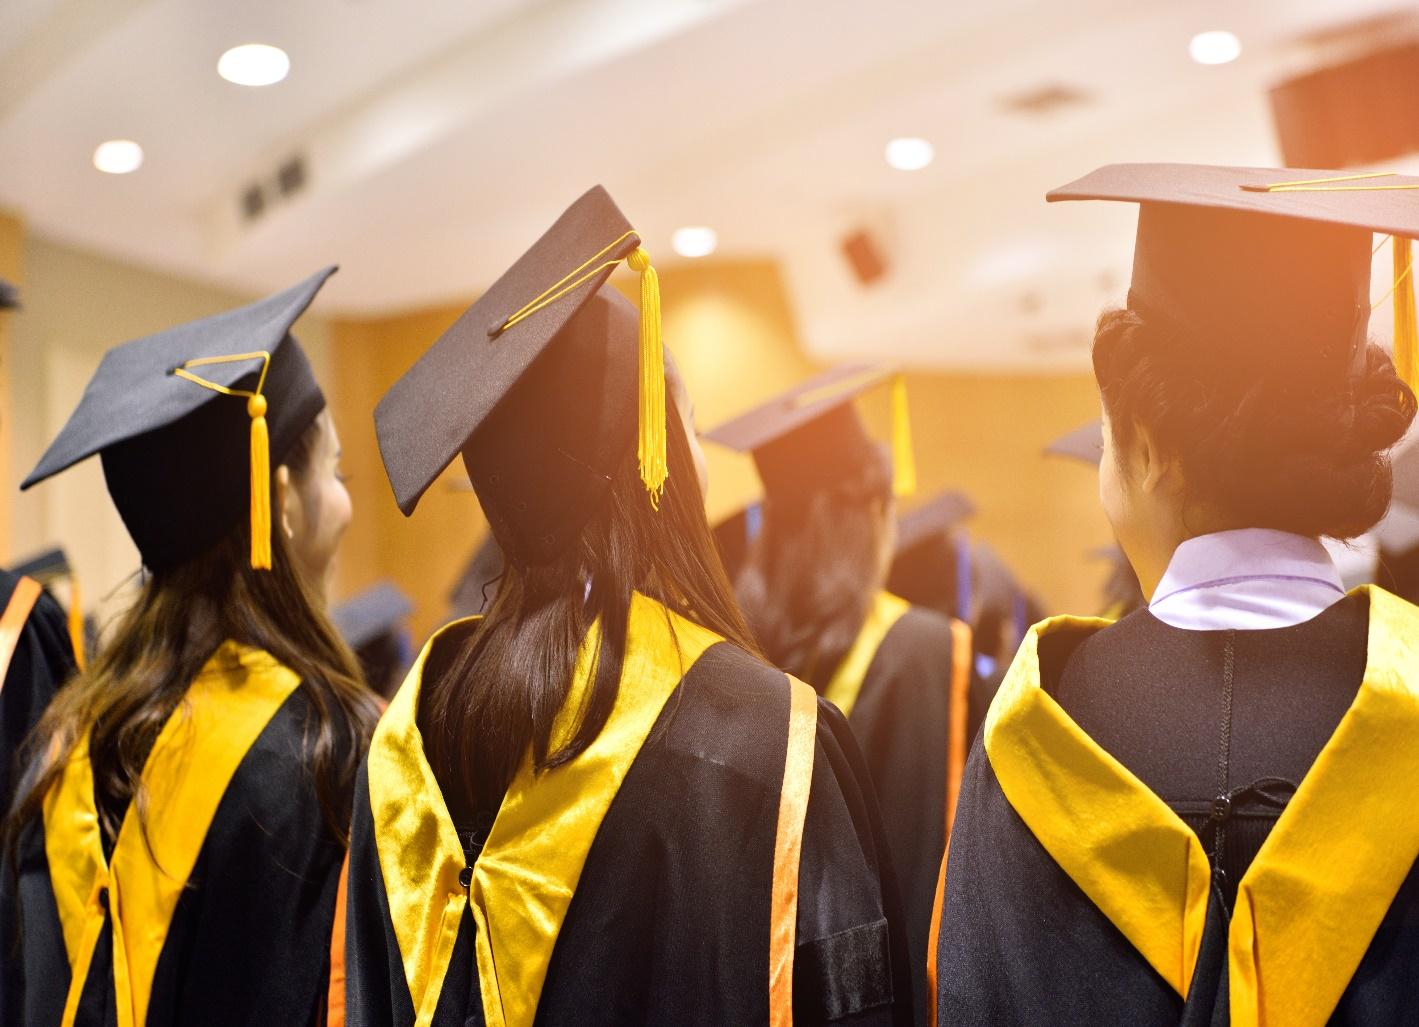 Doppio diploma americano: perche' farlo?